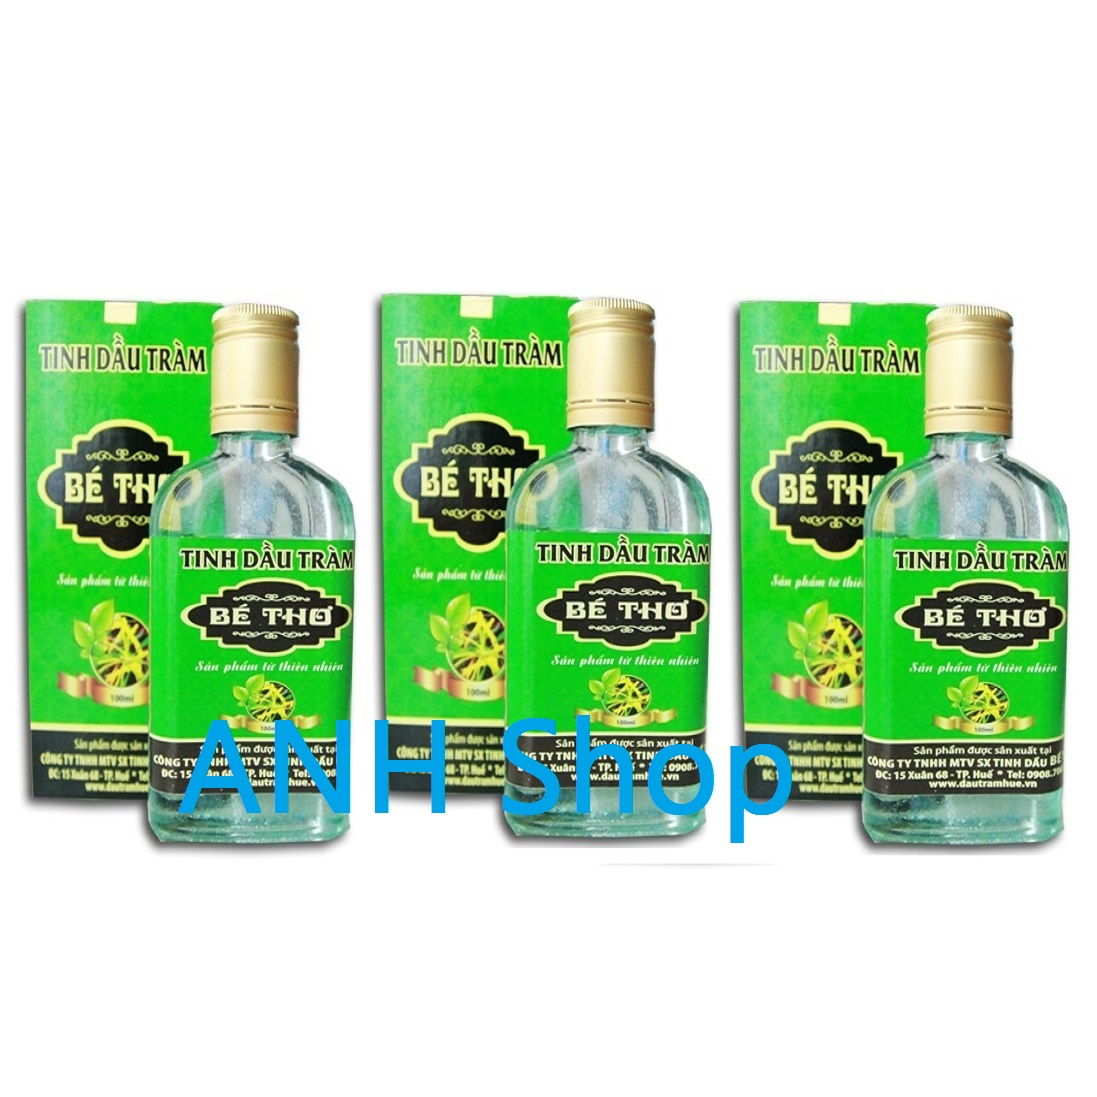 Bộ 3 Chai Tinh dầu tràm nguyên chất Bé Thơ 100ml_ANH Shop